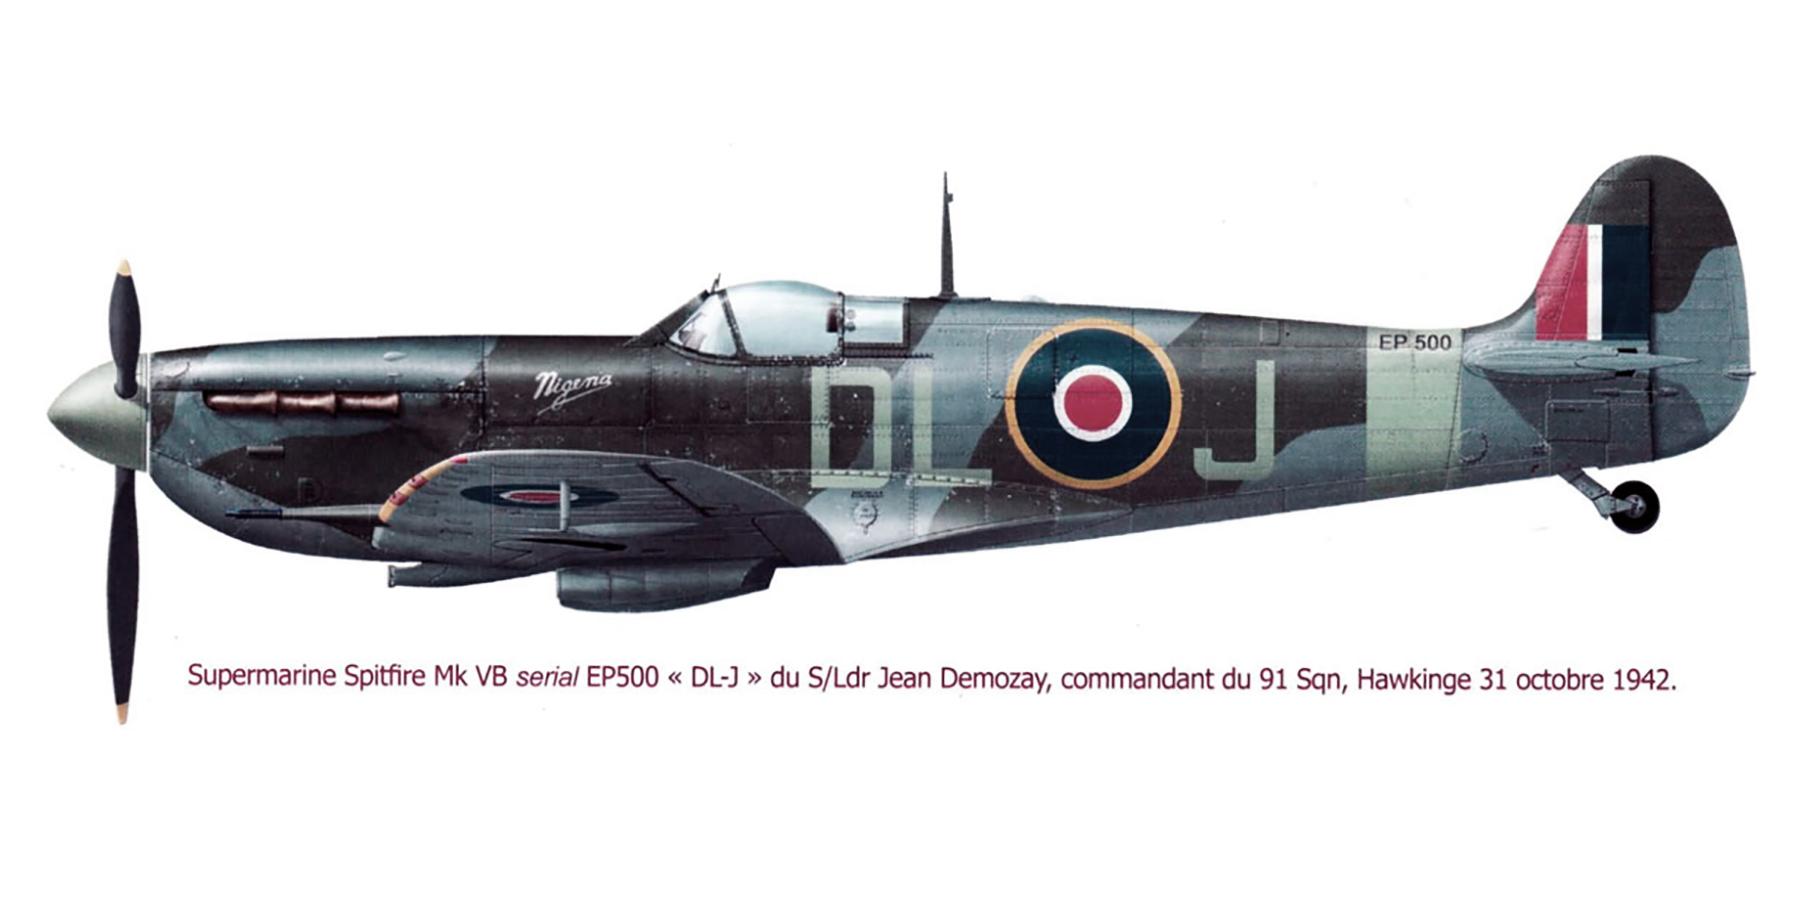 Spitfire MkVb RAF 91Sqn DLJ Jean Demozay EP500 Hawkinge 31st Oct 1942 0A